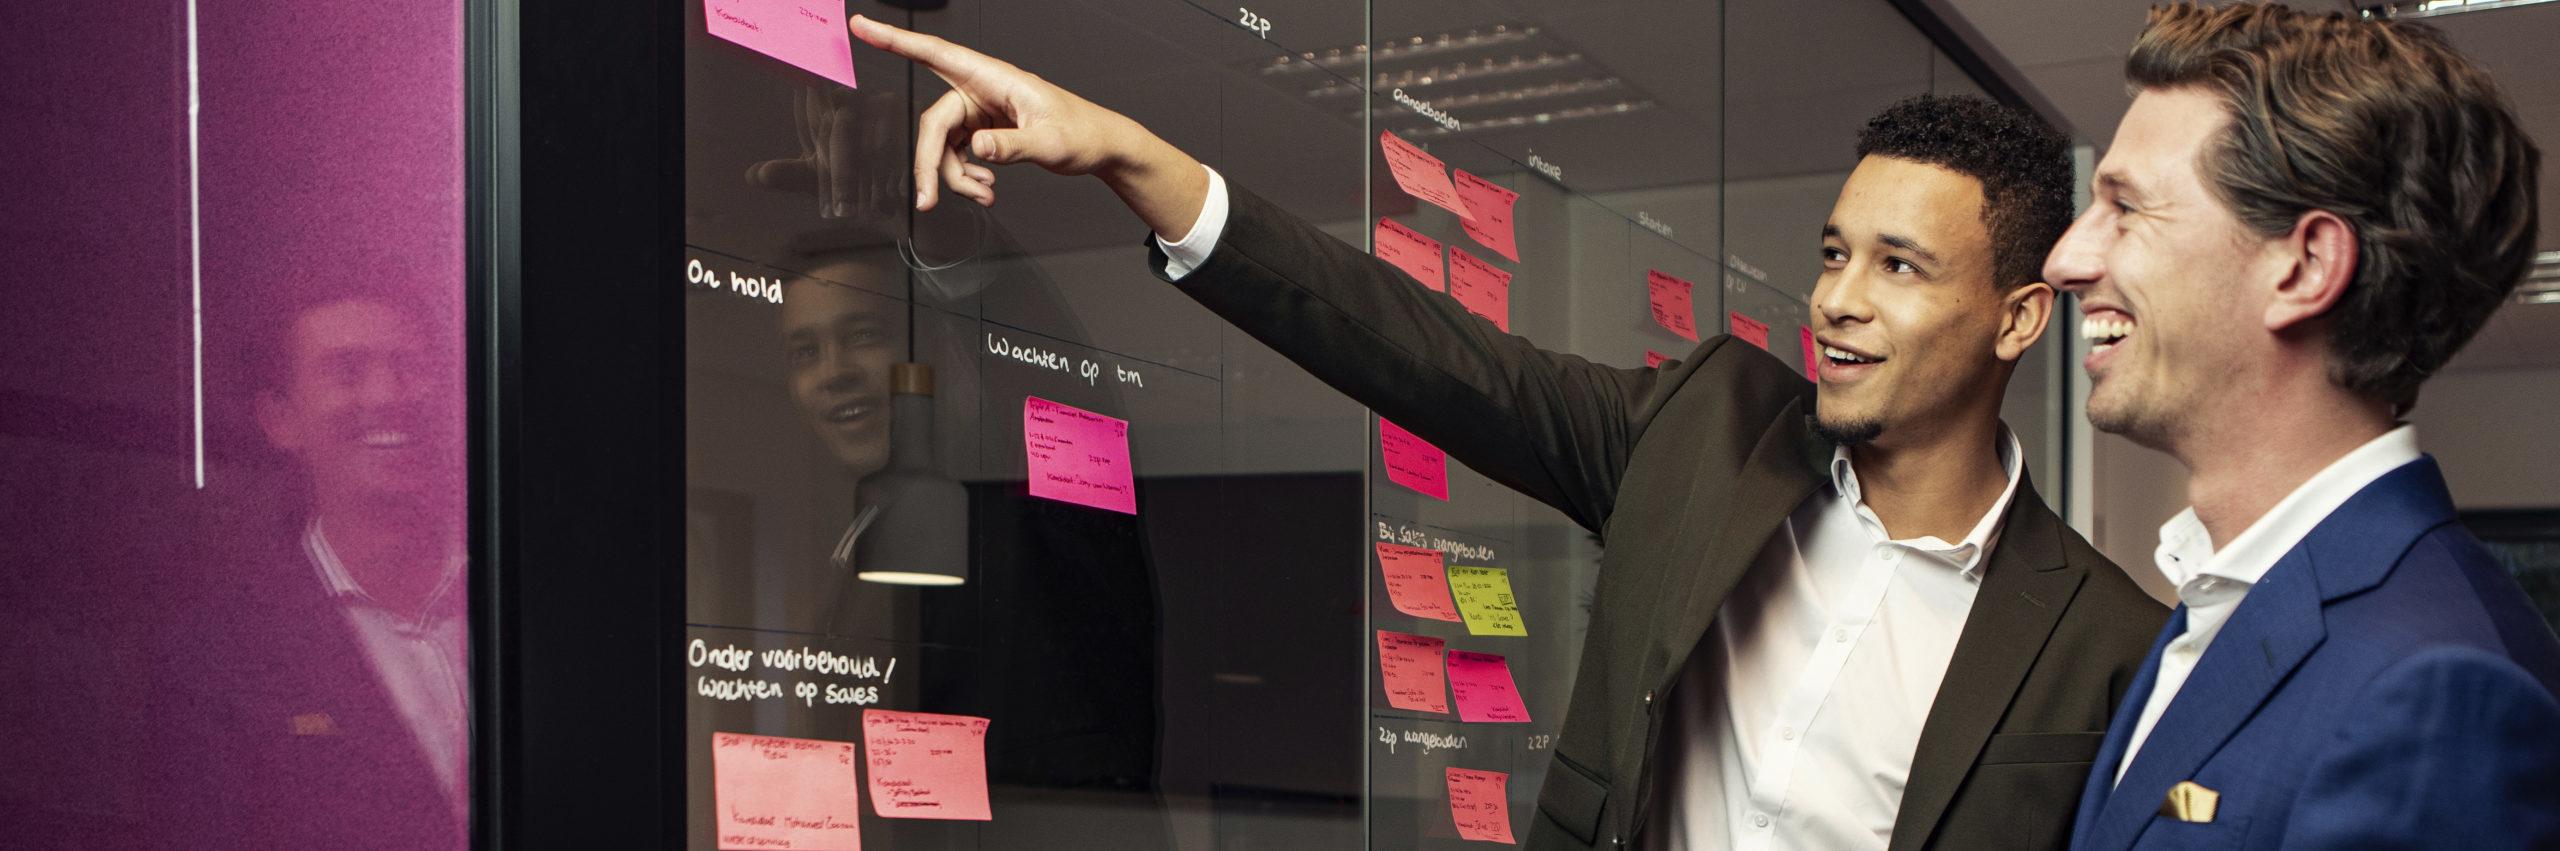 Profource brengt consultancy organisatie Mazars naar de Oracle Cloud